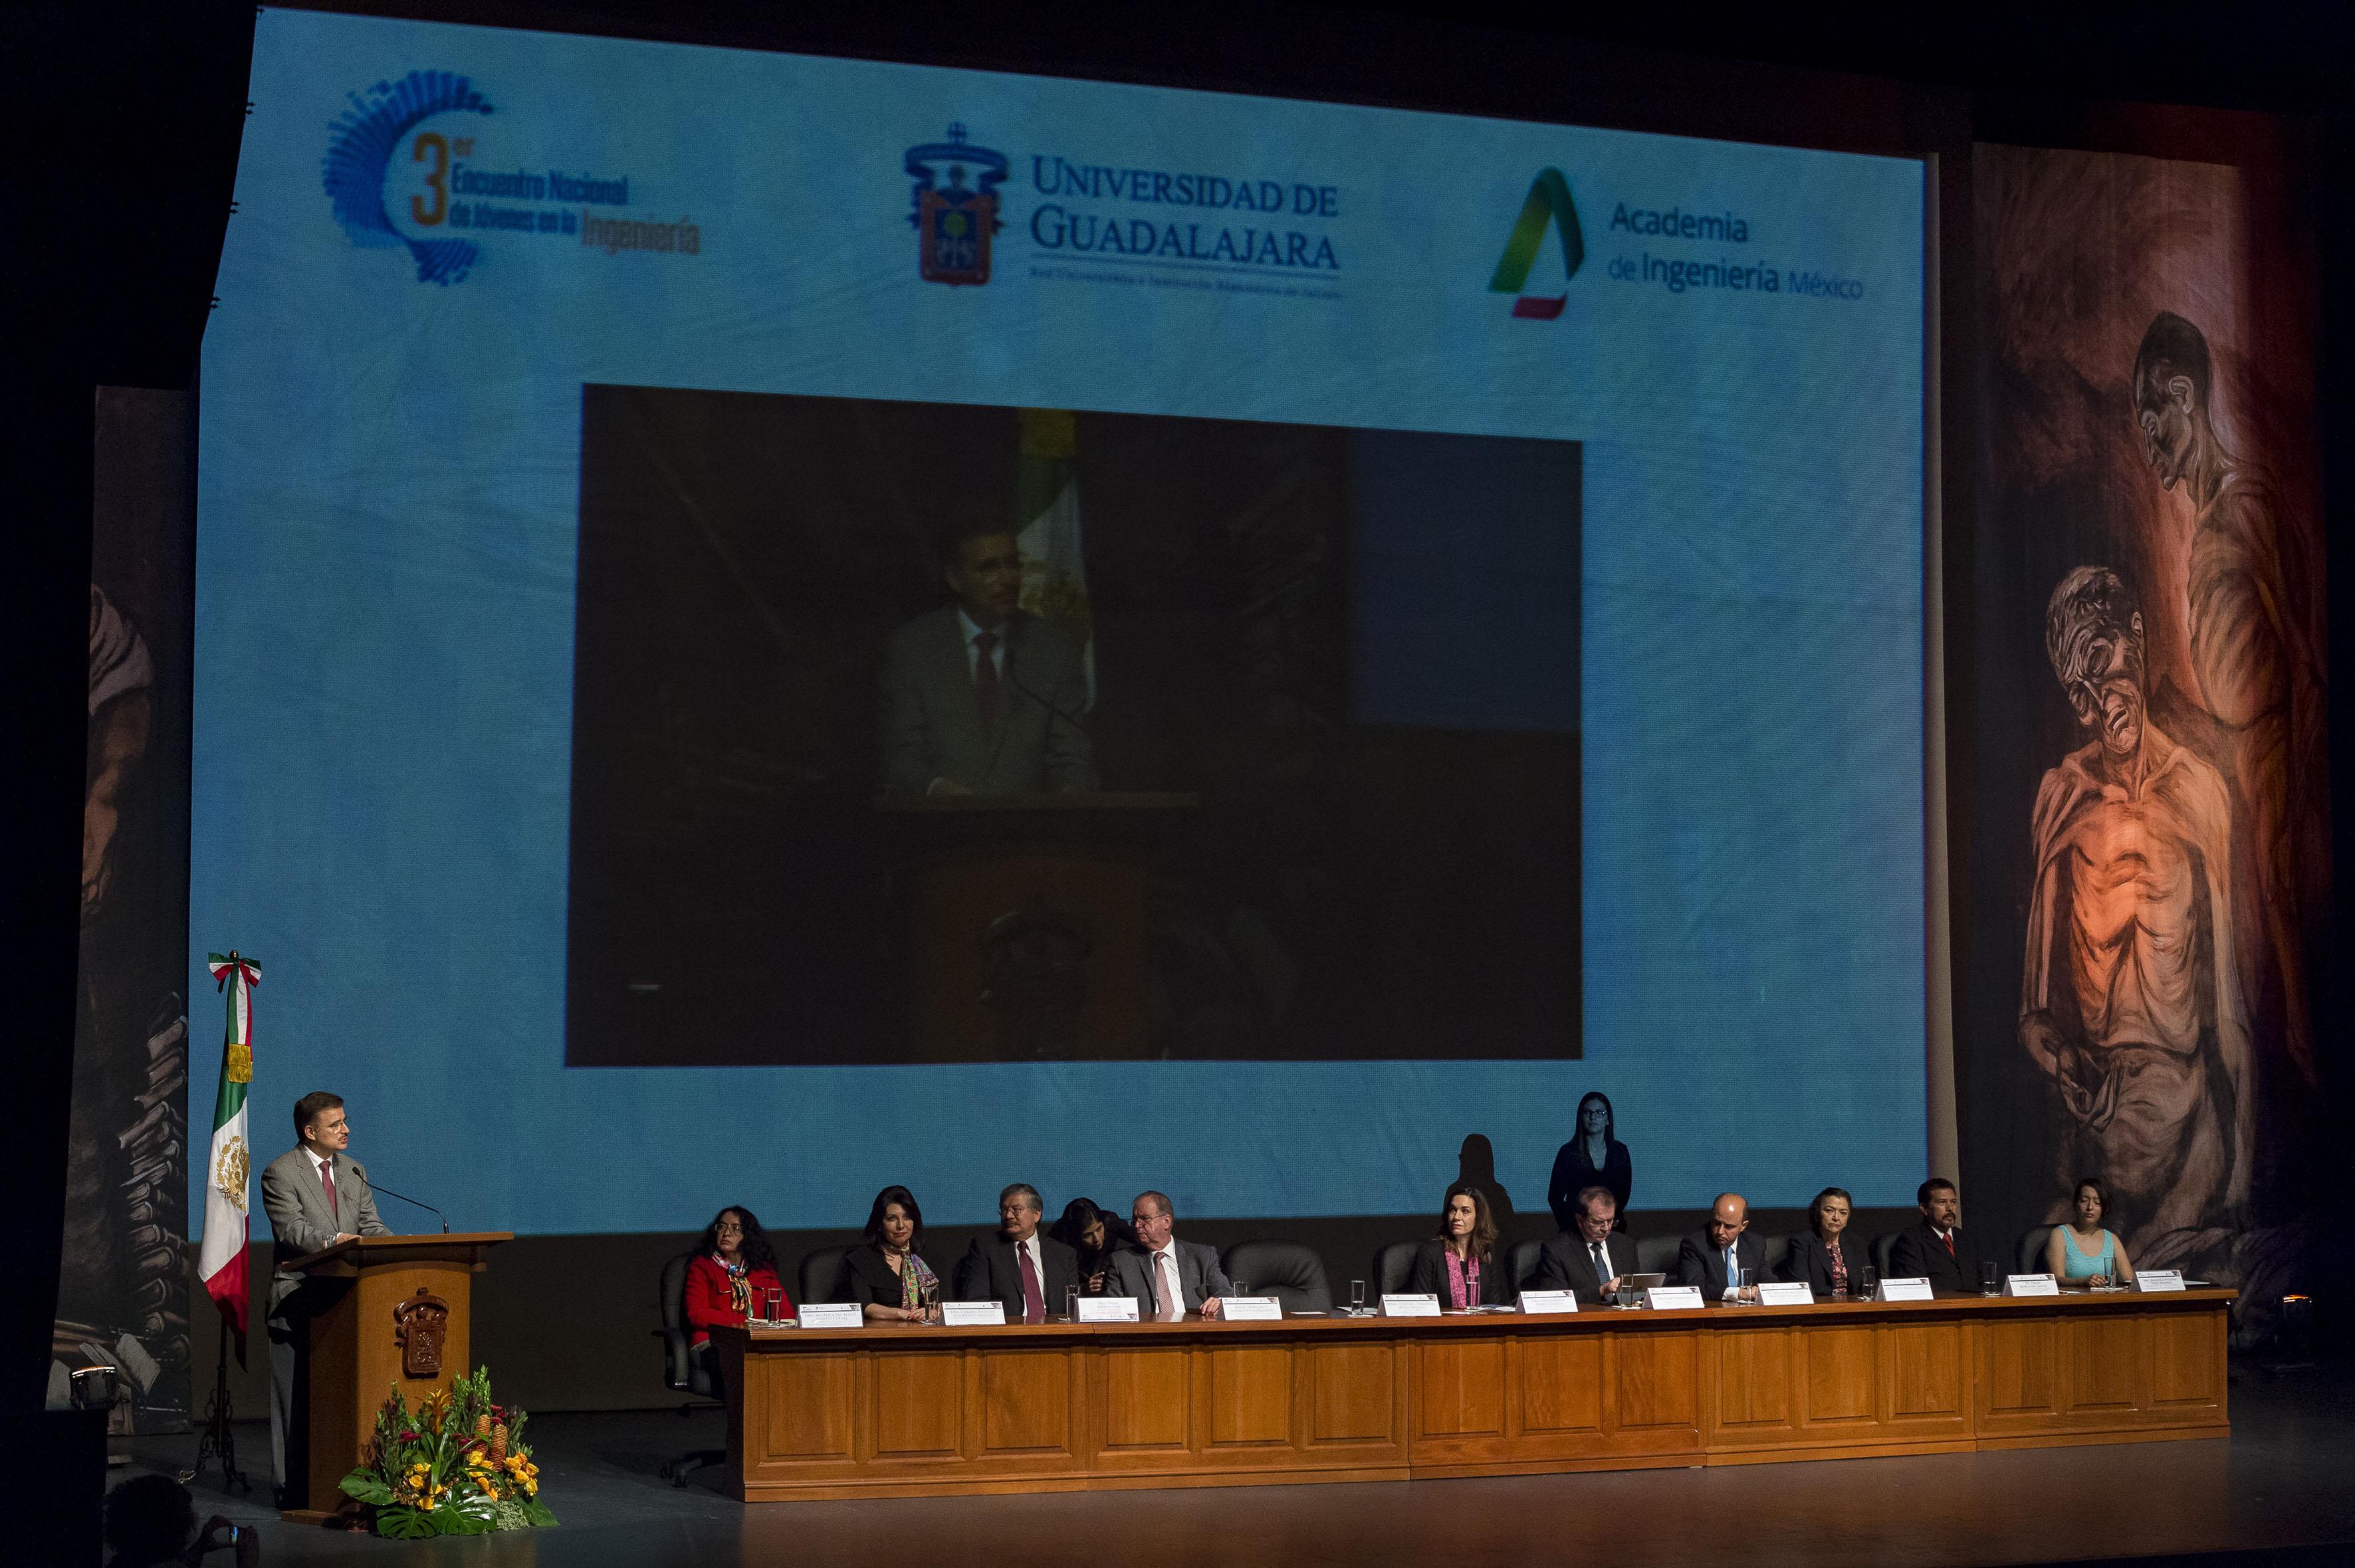 Acto inagural por parte del Rector General de la Universidad de Guadalajara: del 3er. Encuentro Nacional de Jóvenes en la Ingeniería, realizado en el Teatro Diana.